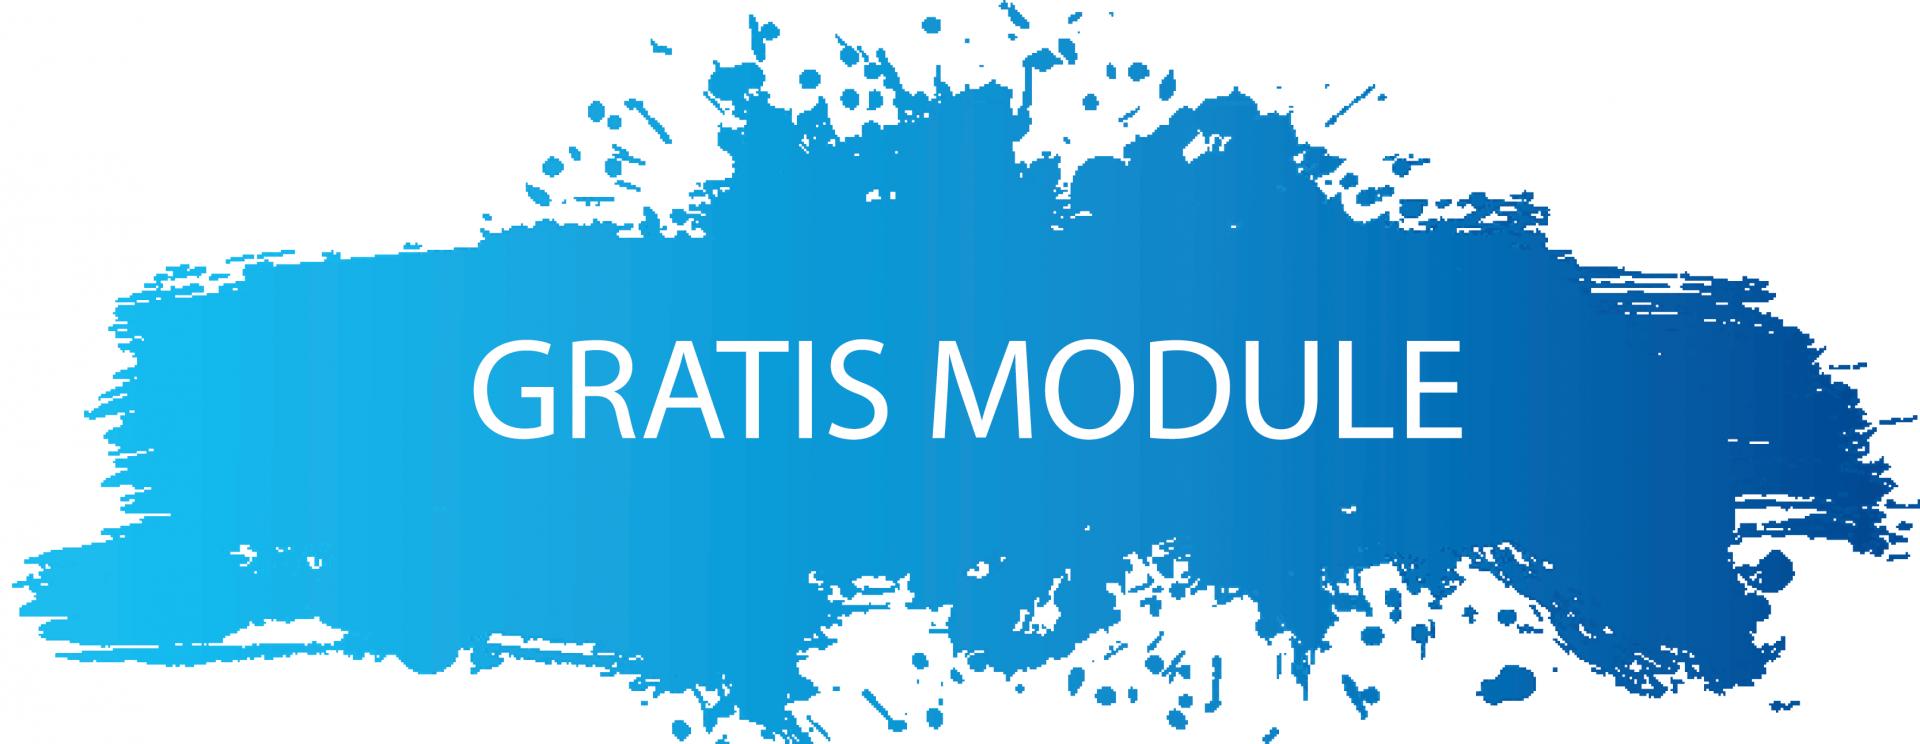 Gratis factureren met de gratis module Spitsfactuur